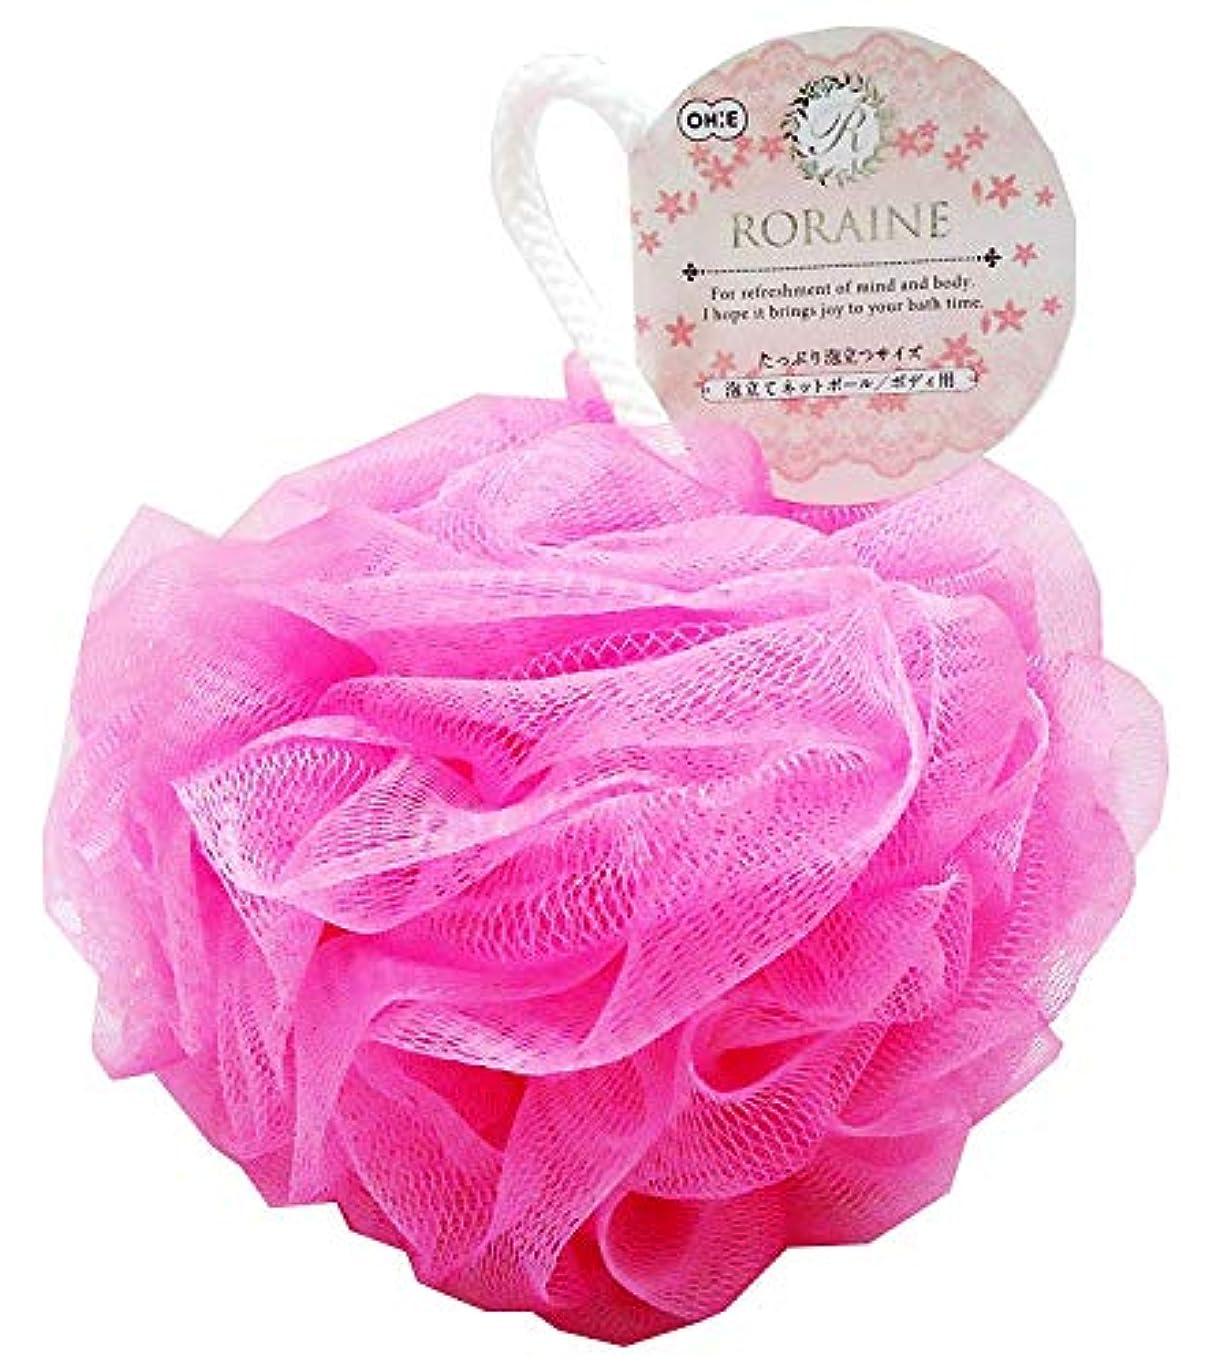 沈黙国勢調査ラフオーエ ボディスポンジ ロレーヌ 泡立てネットボールボディ用 ピンク 約22×12.5×12.5cm 1個